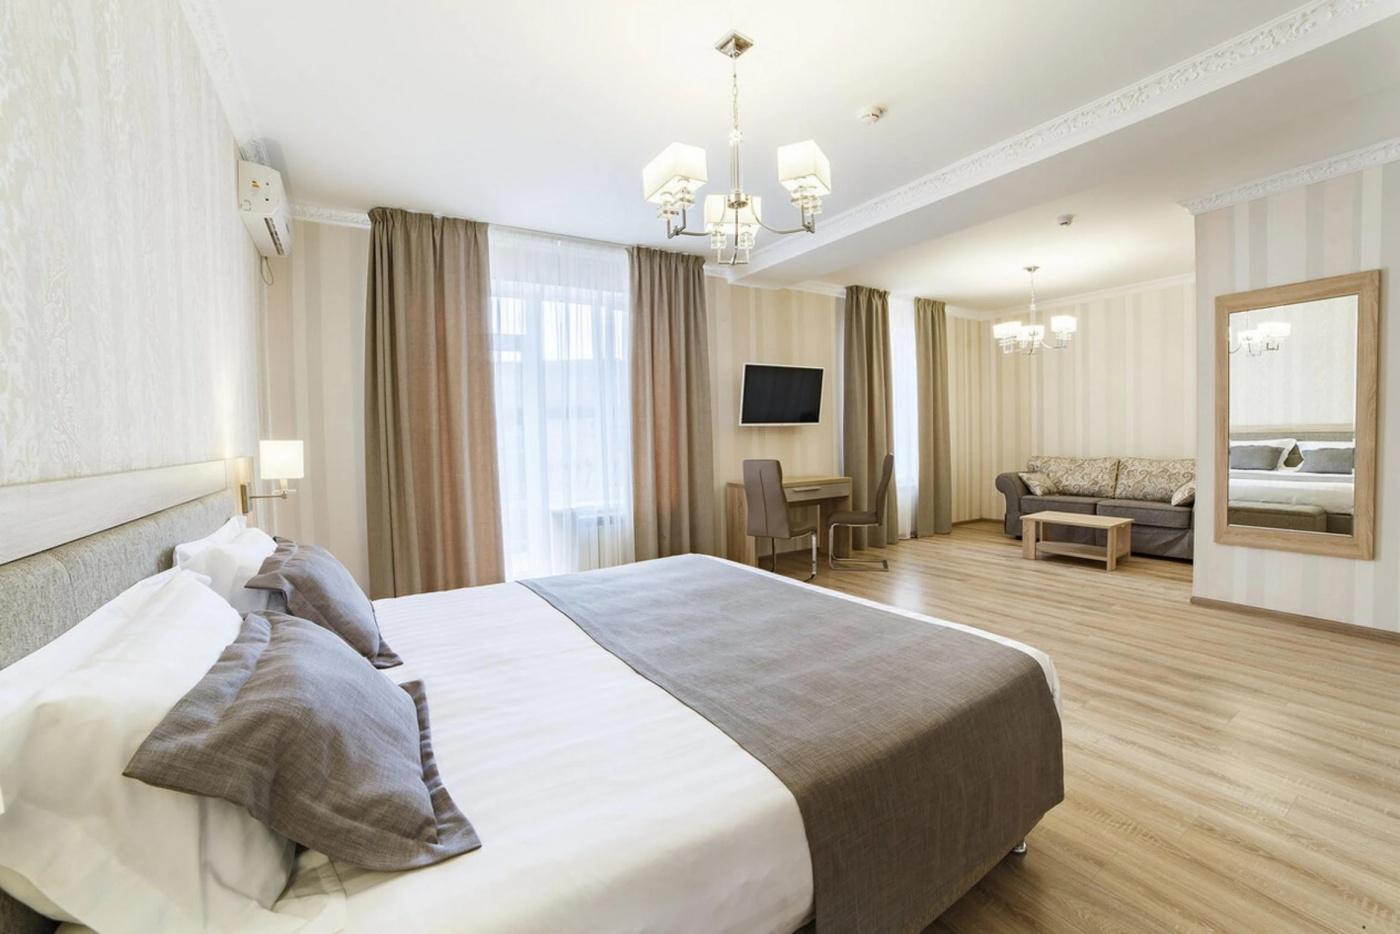 Отель «Alean Family Hotel Usadba 4*» Краснодарский край Стандарт Улучшенный 2-местный , фото 2